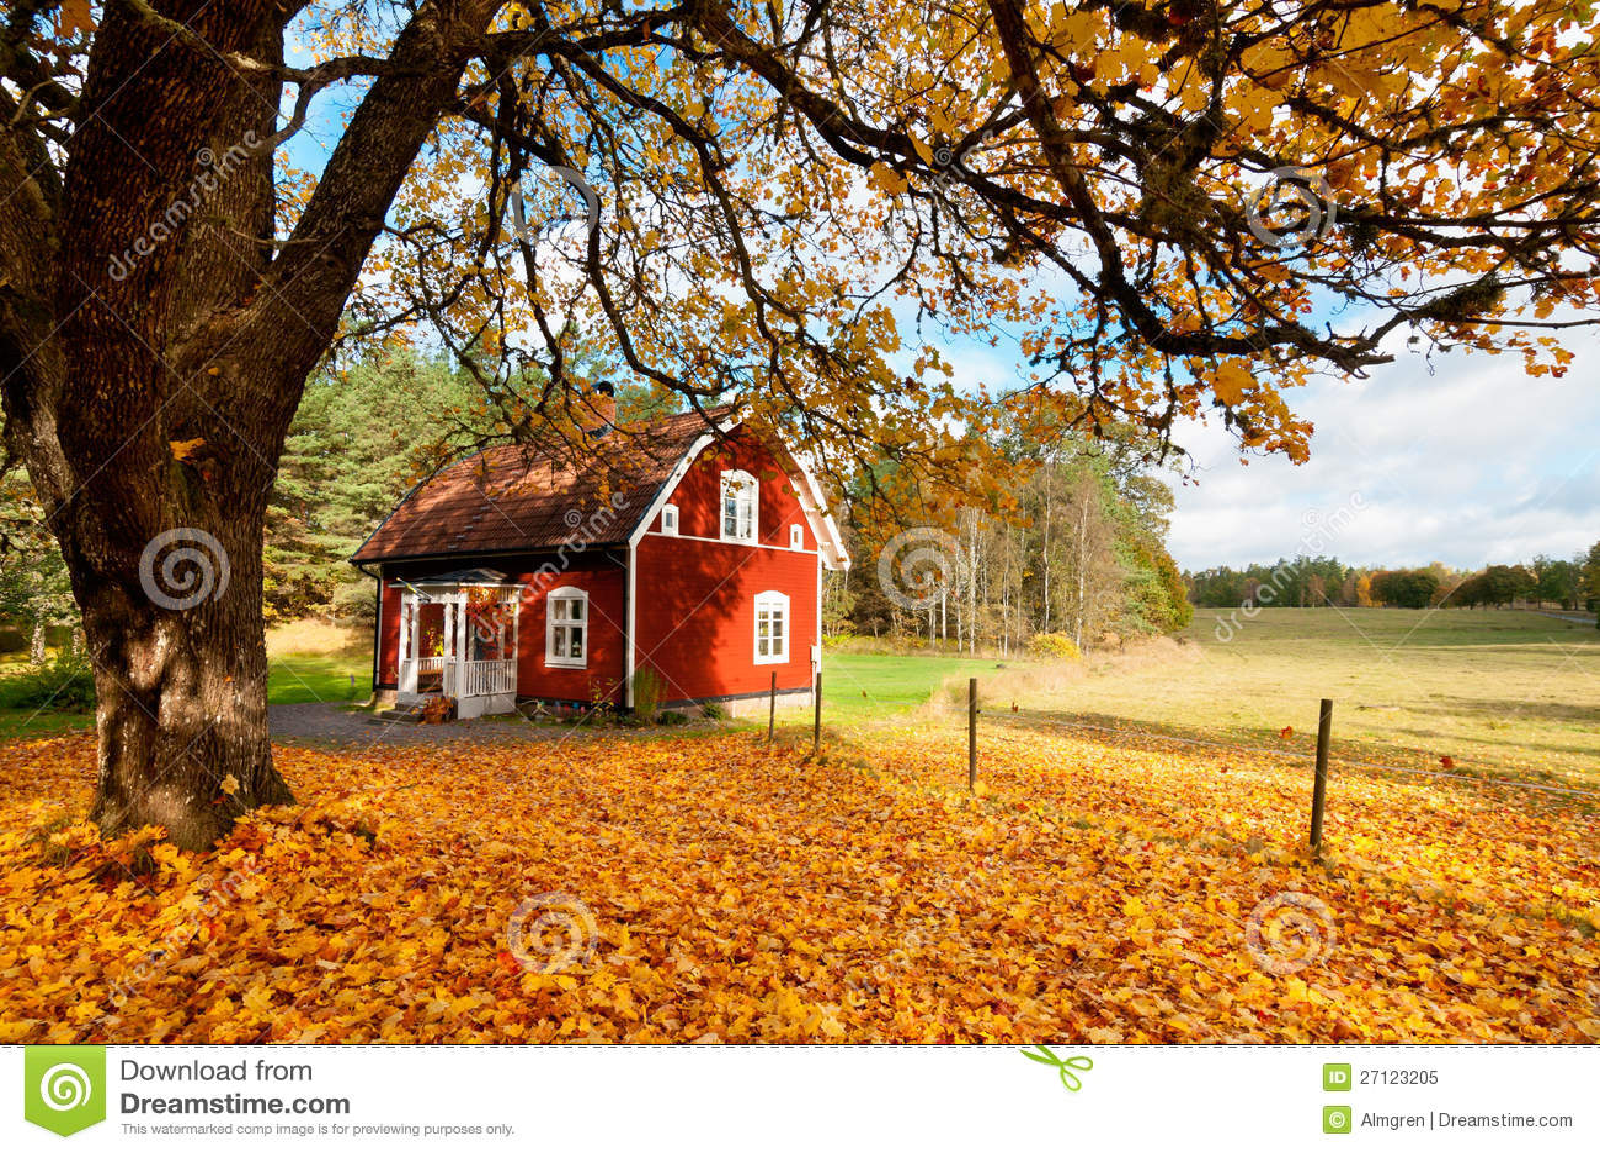 Casa sueca roja entre las hojas de oto o foto de archivo libre de regal as imagen 27123205 - La casa sueca ...